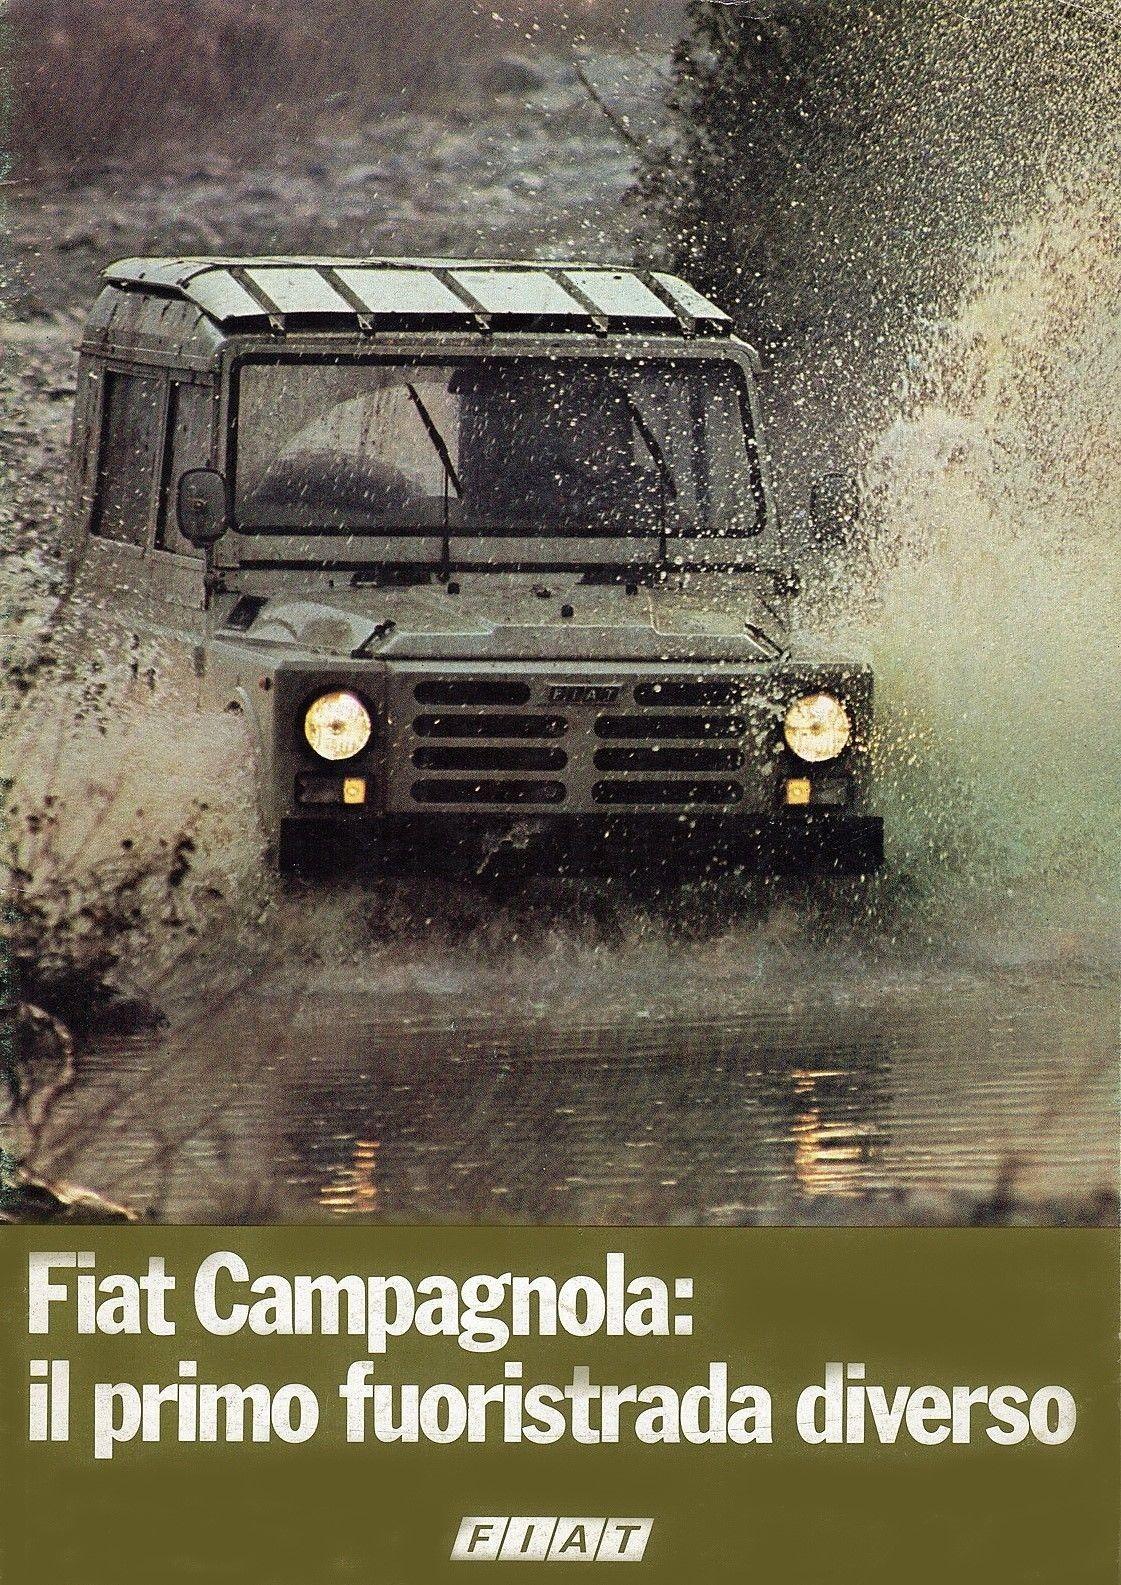 Fiat Campagnola | Automobile, Fuori strada, Fuoristrada